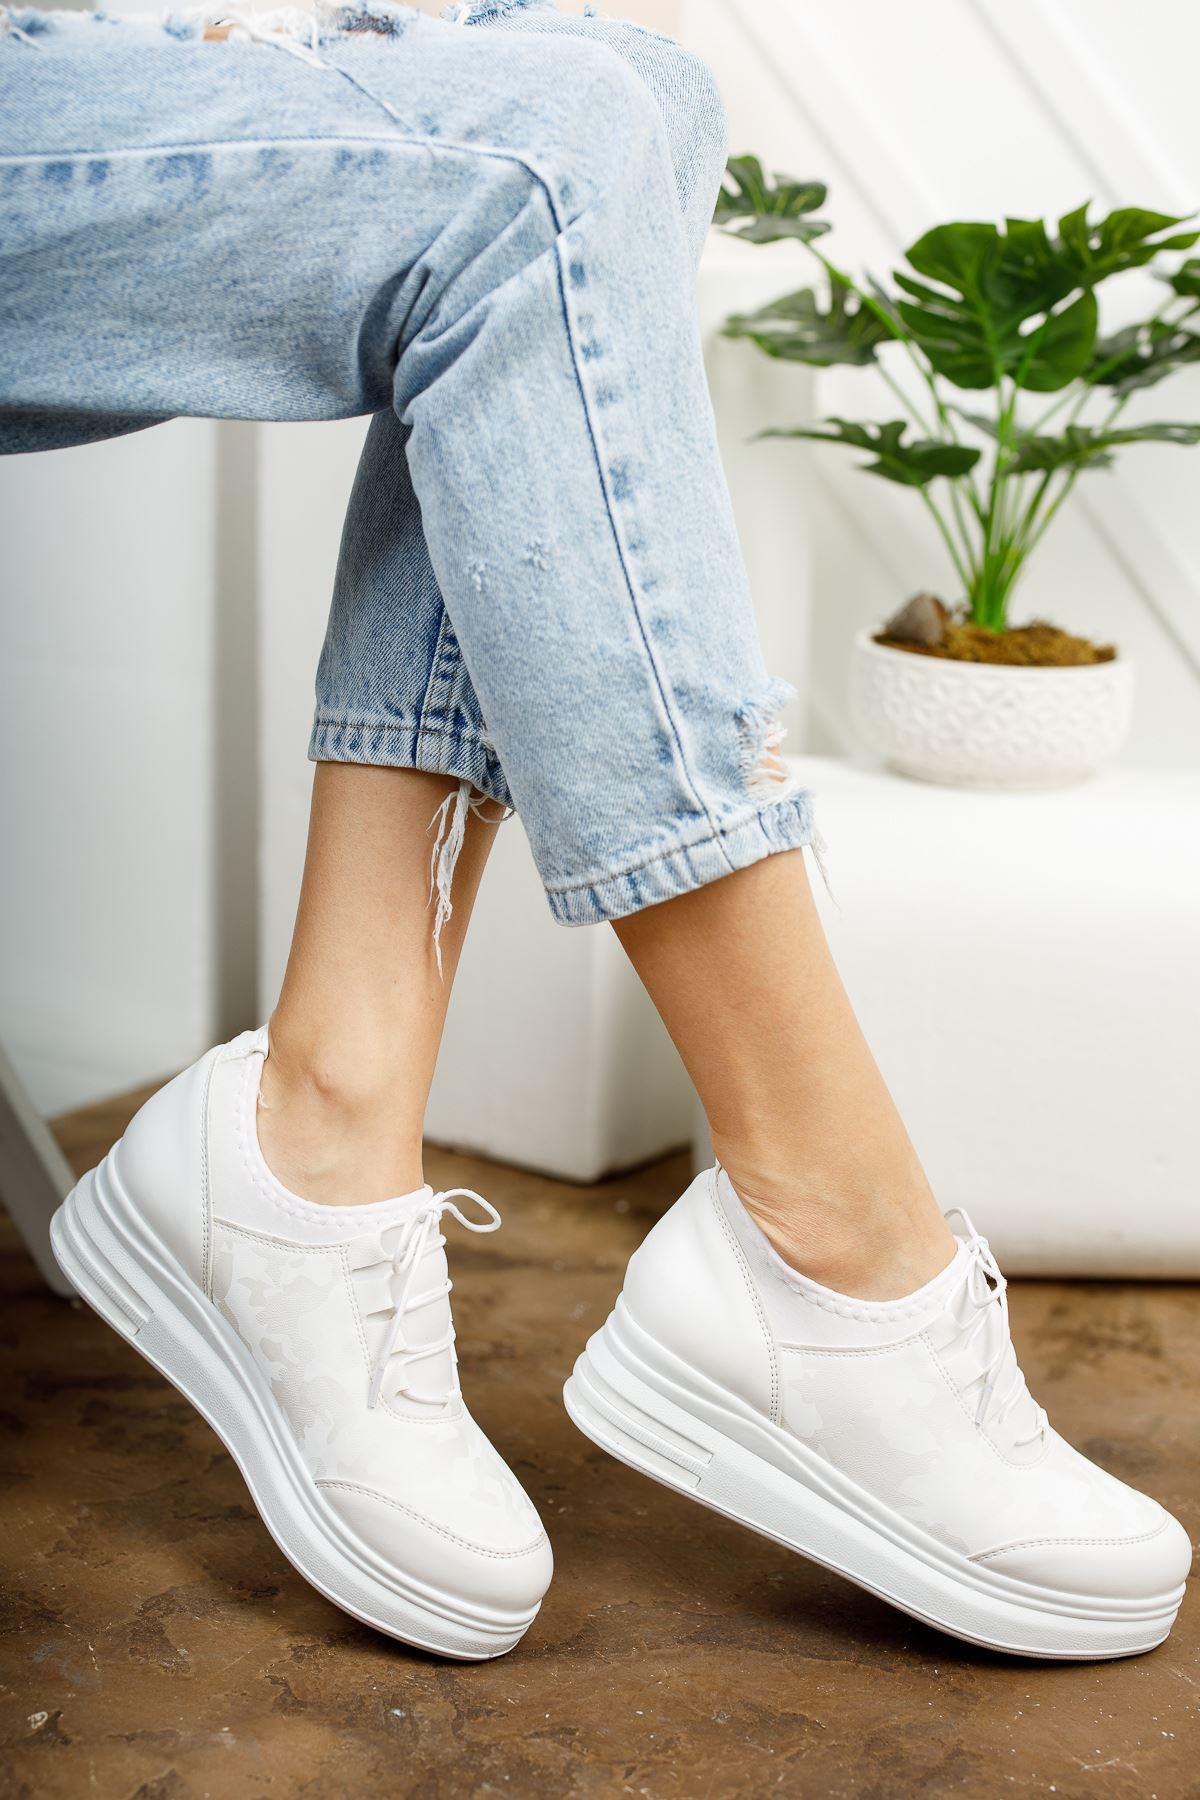 Zeytuni Beyaz Ortapedik Beyaz Taban Beyaz Desenli Bayan Spor Ayakkabı